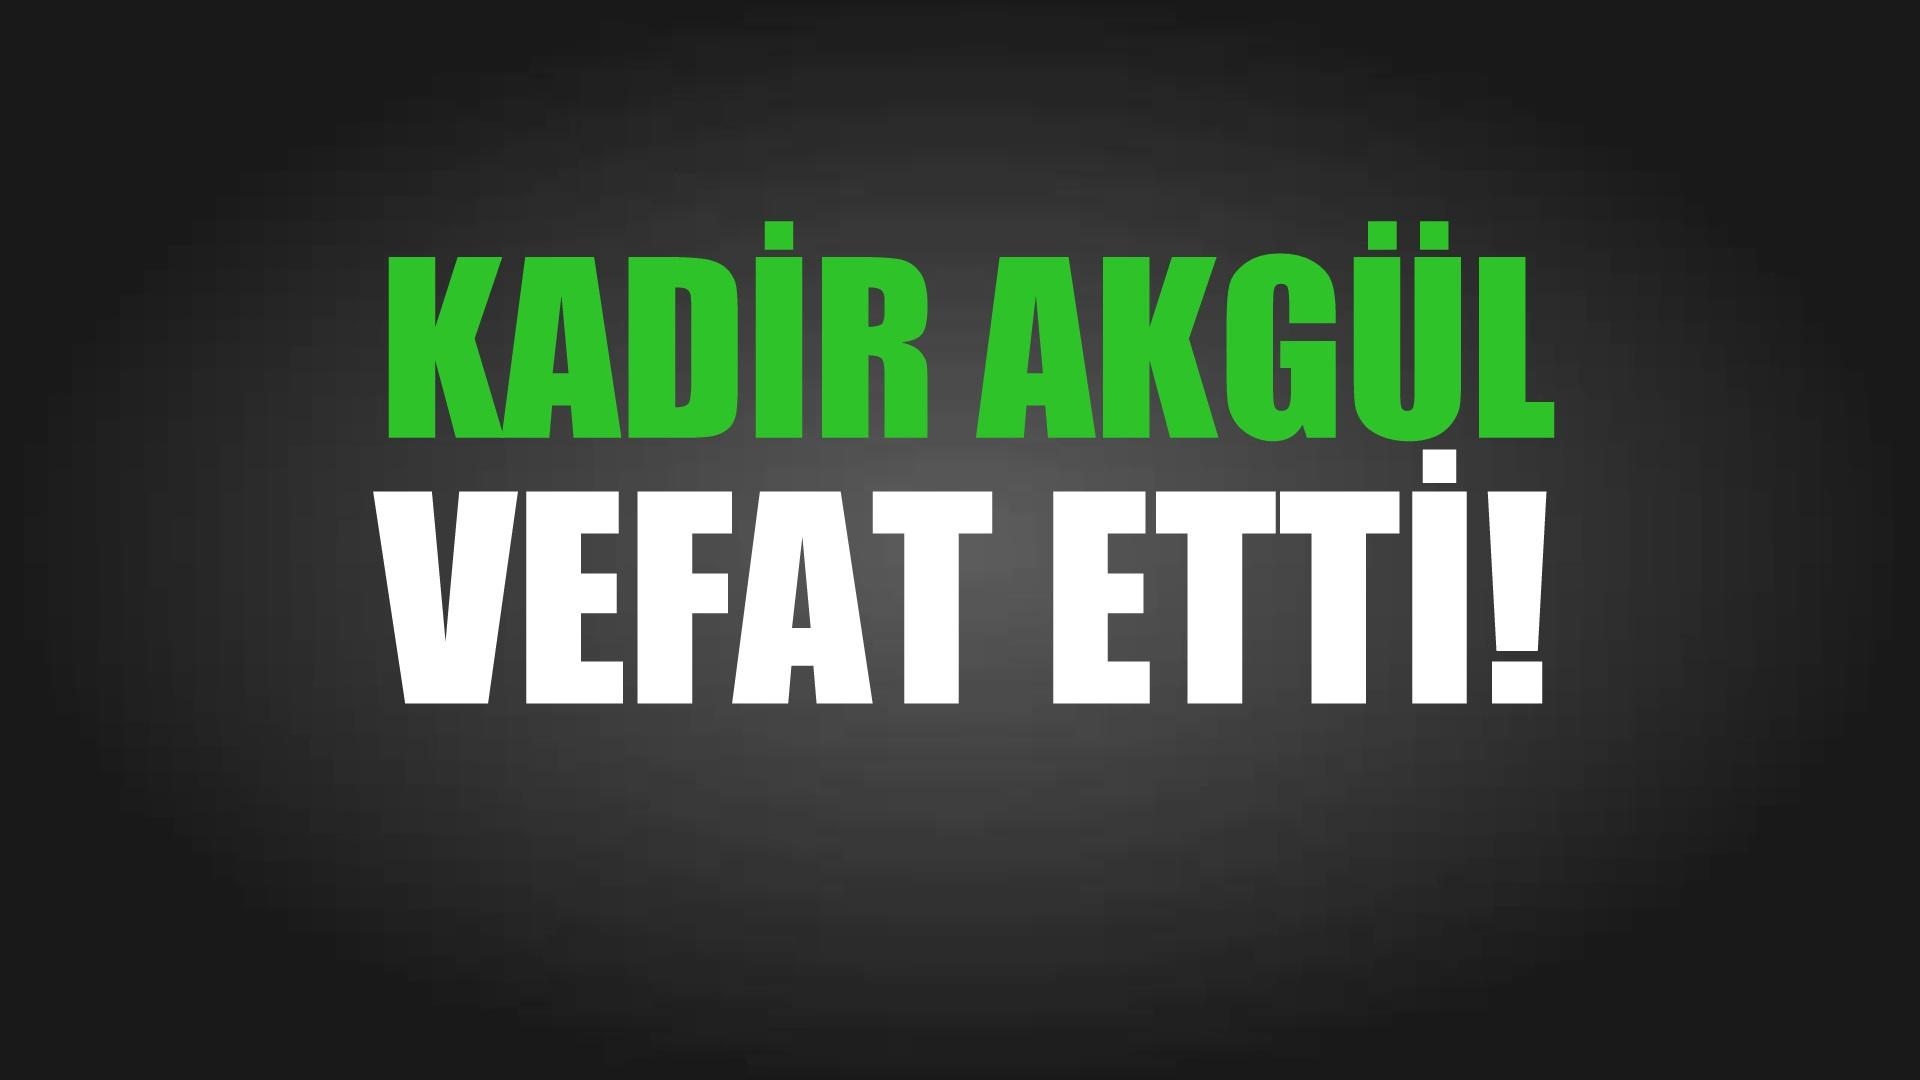 AKGÜL AİLESİNİN ACI GÜNÜ!..